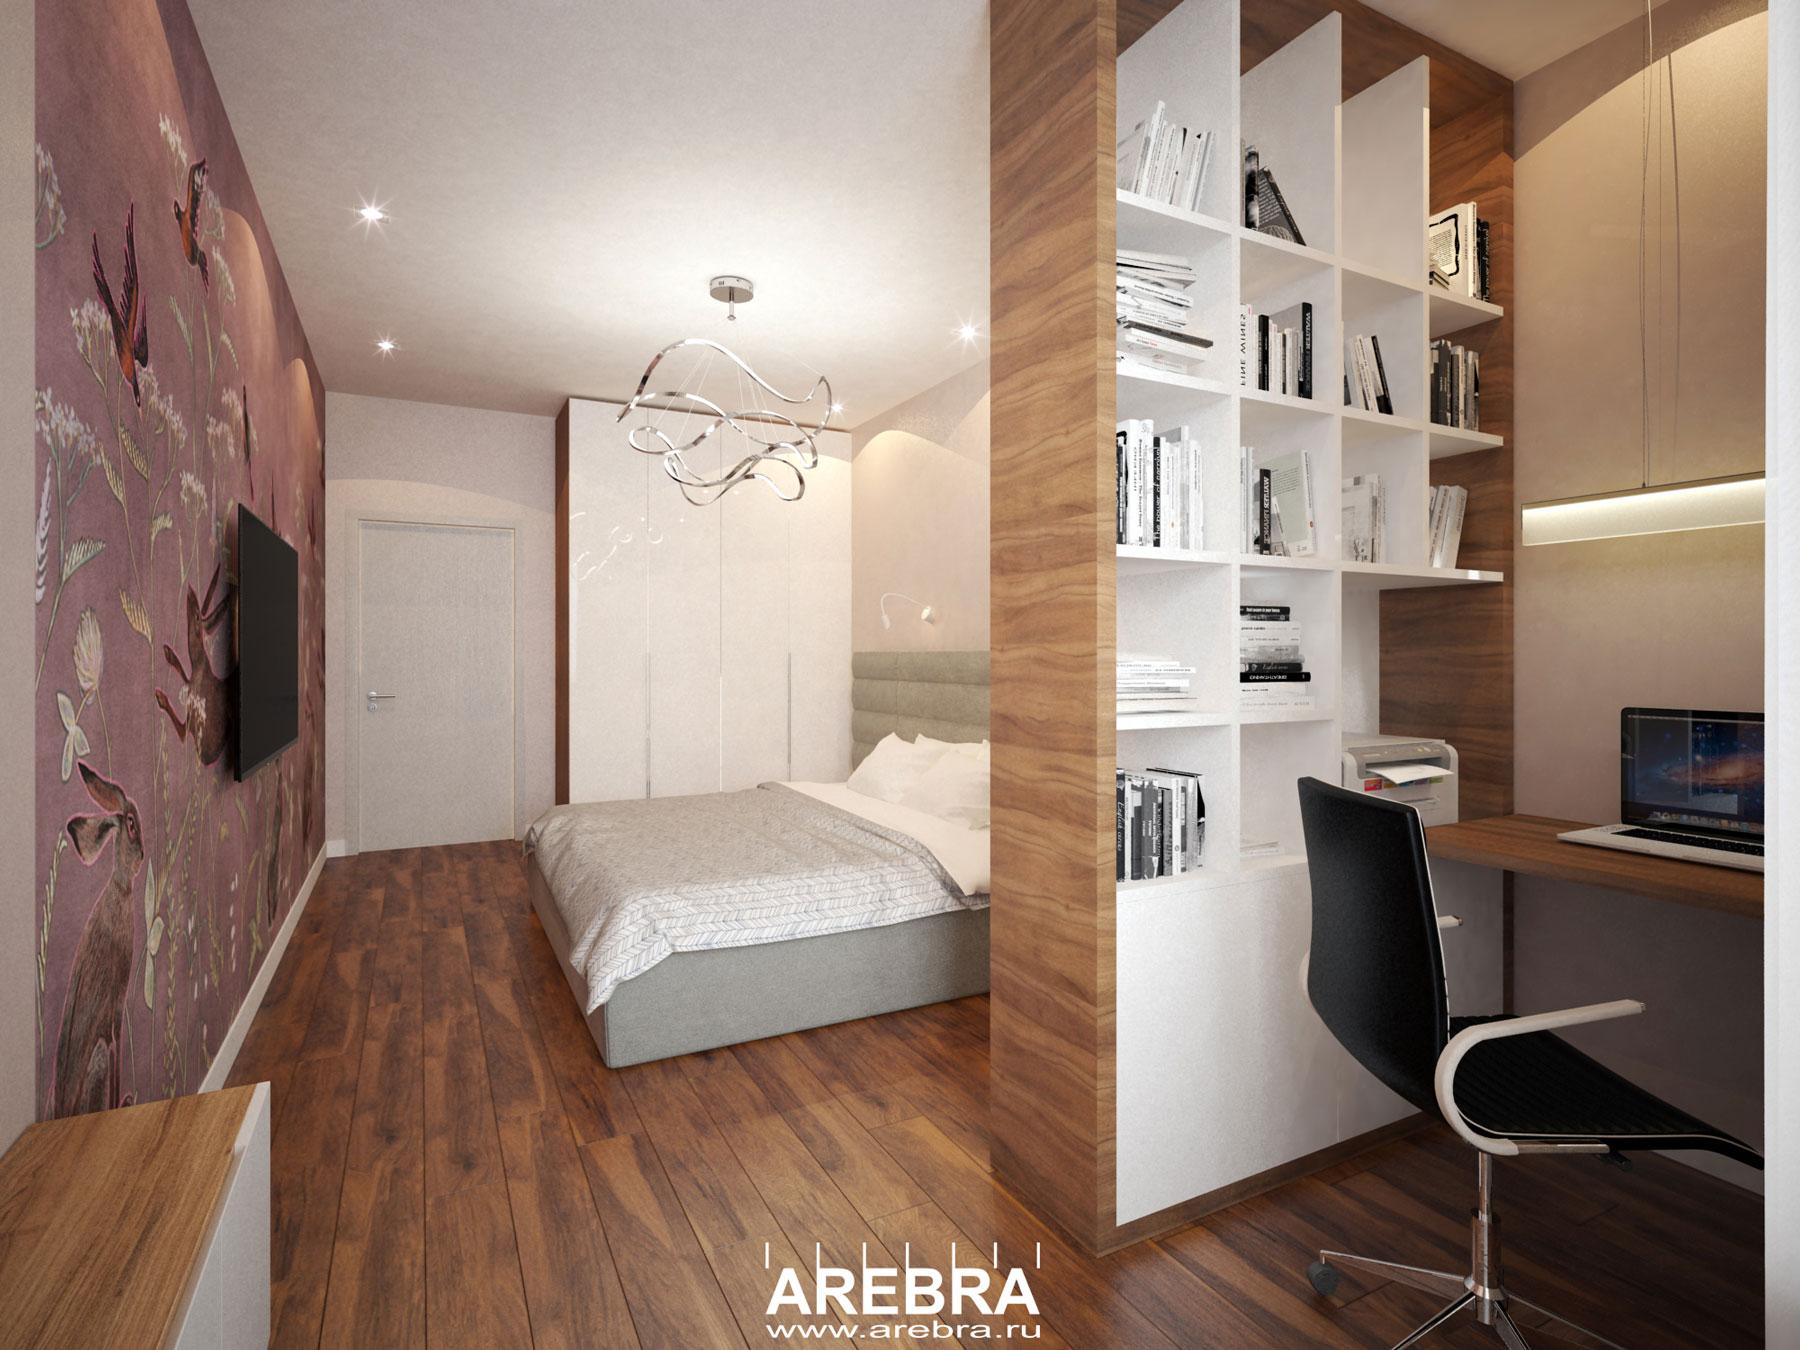 Дизайн проект квартиры площадью 83м2, в г.СПб, Новоколомяжский пр.17